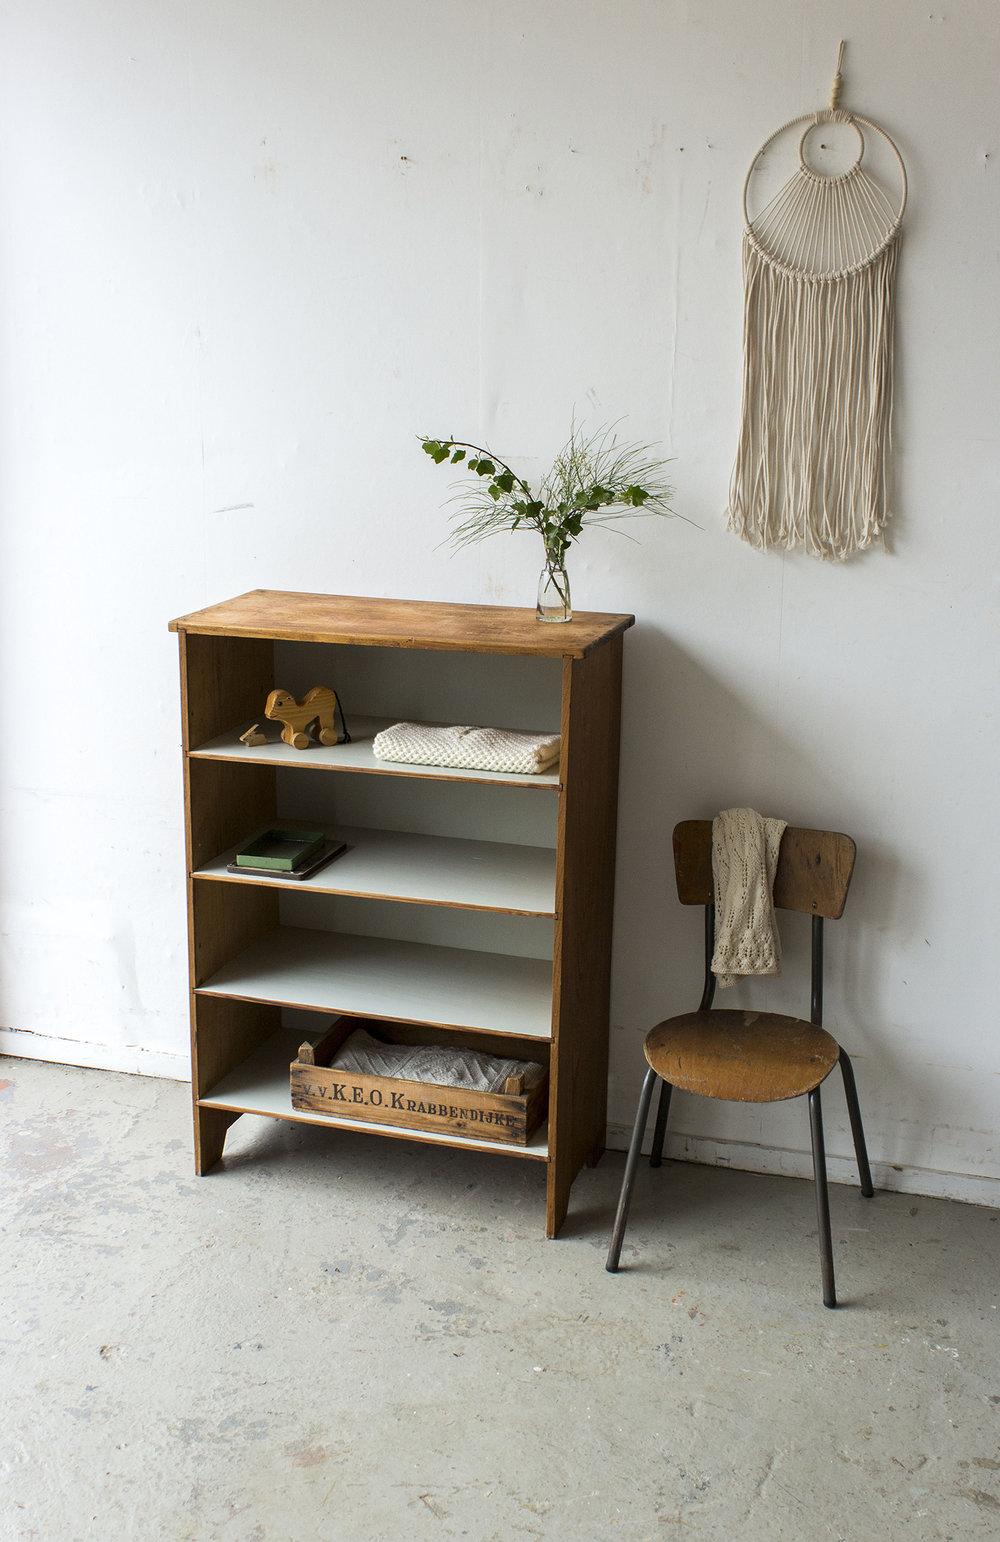 Vintage open boekenkastje -  Firma zoethout.jpg